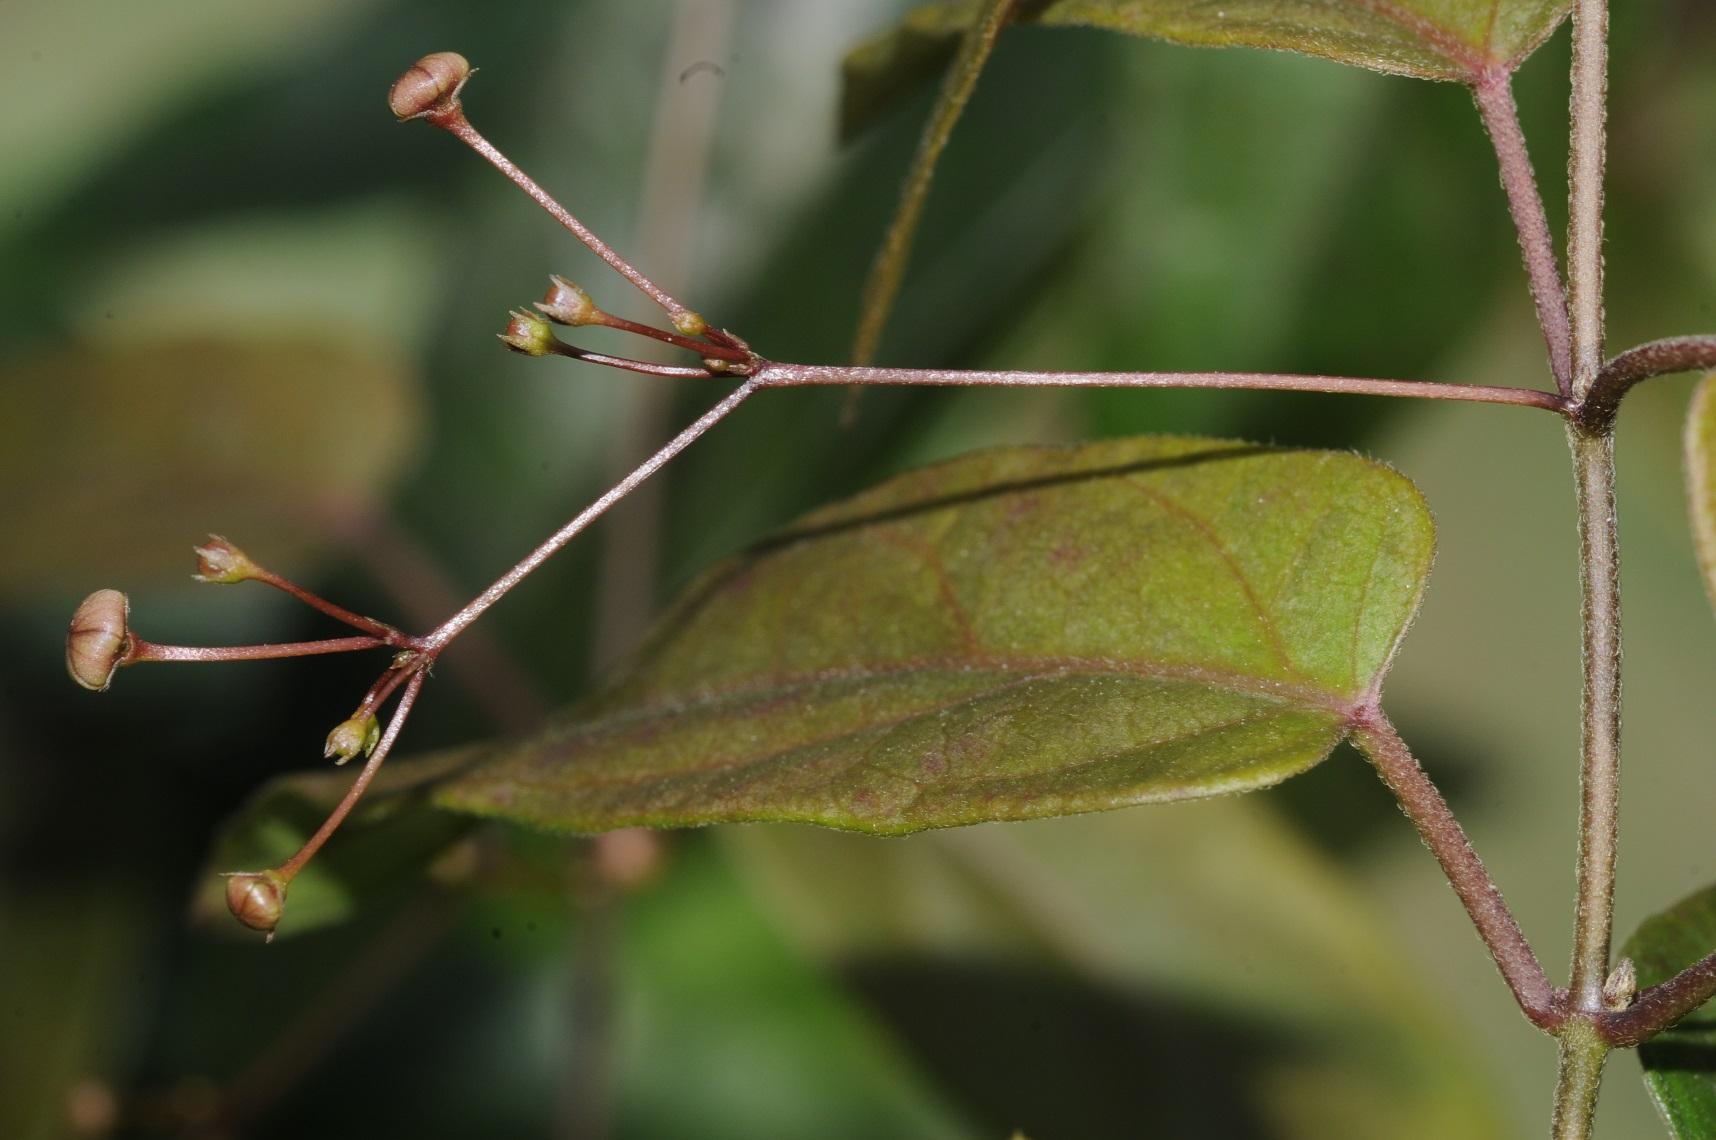 臺灣植物物種豐富,此為曾彥學發表新種植物「呂氏鷗蔓」。圖片提供/曾彥學